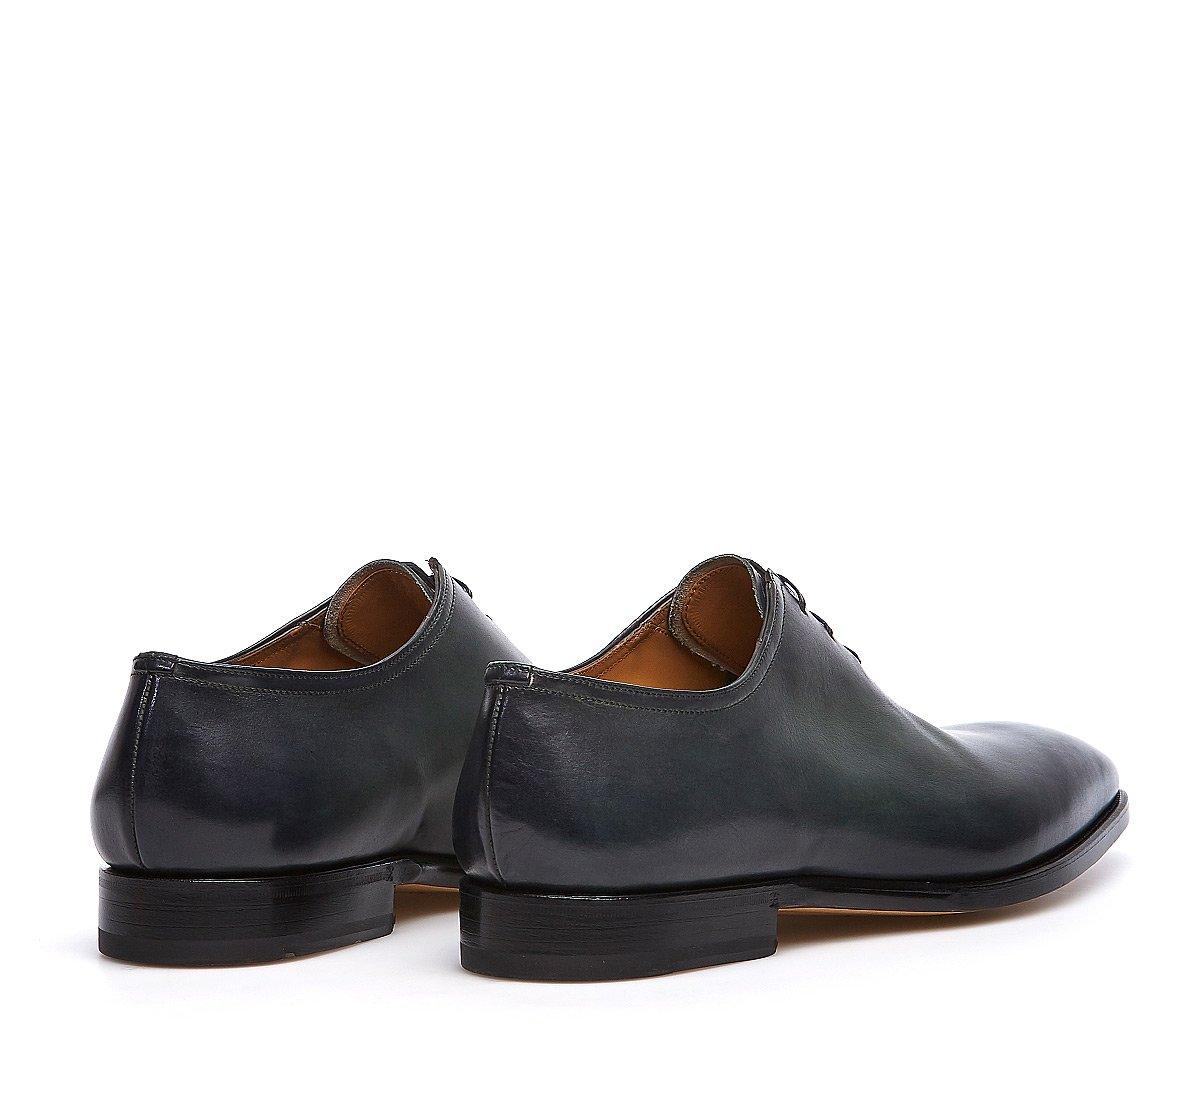 Fabi Flex lace-ups in calf leather